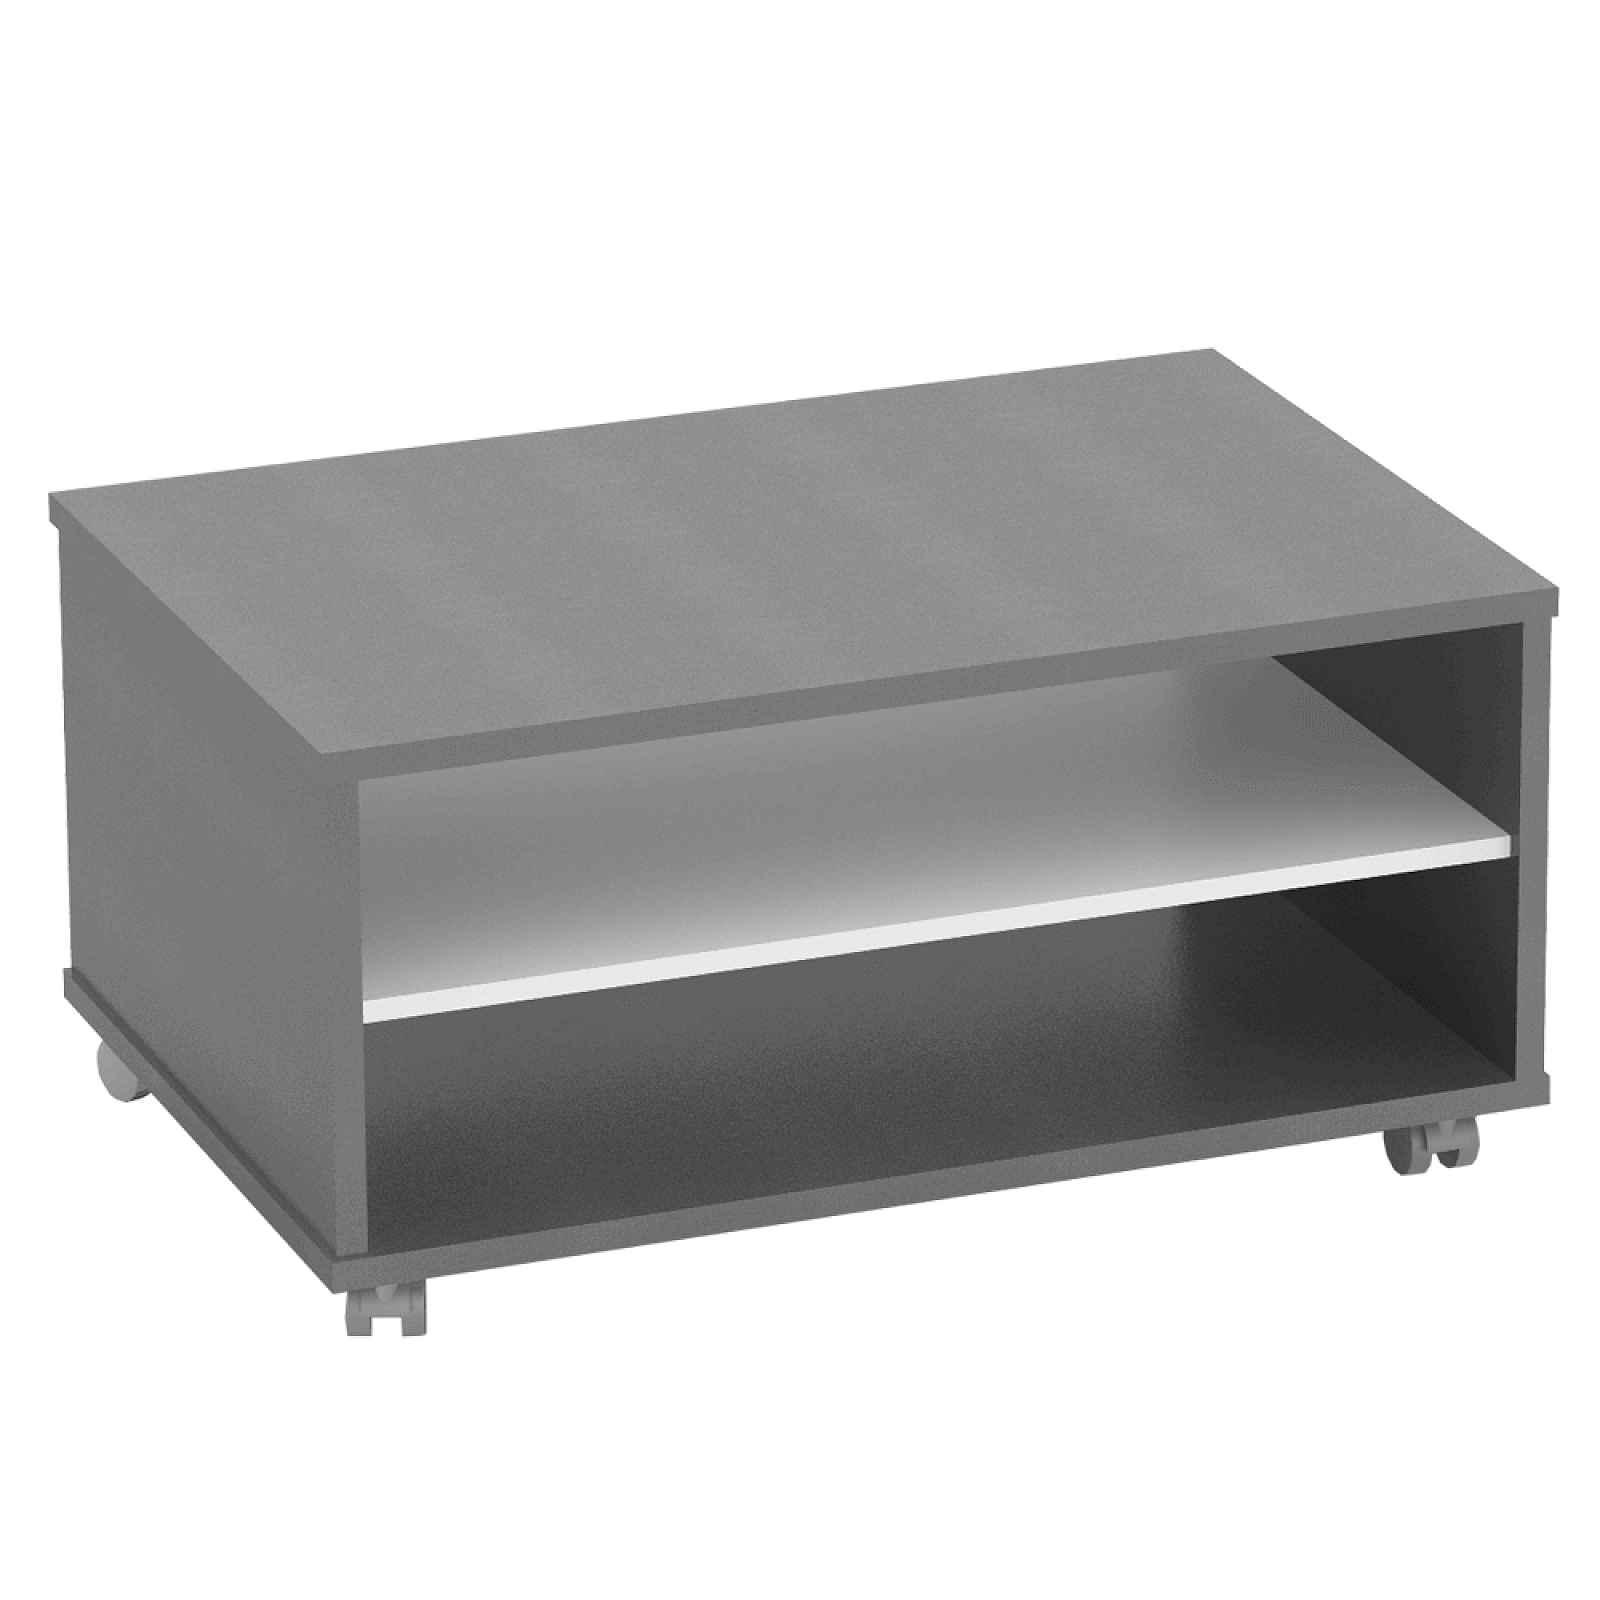 Konferenční stolek RIOMA TYP 32 Tempo Kondela Grafit / bílá